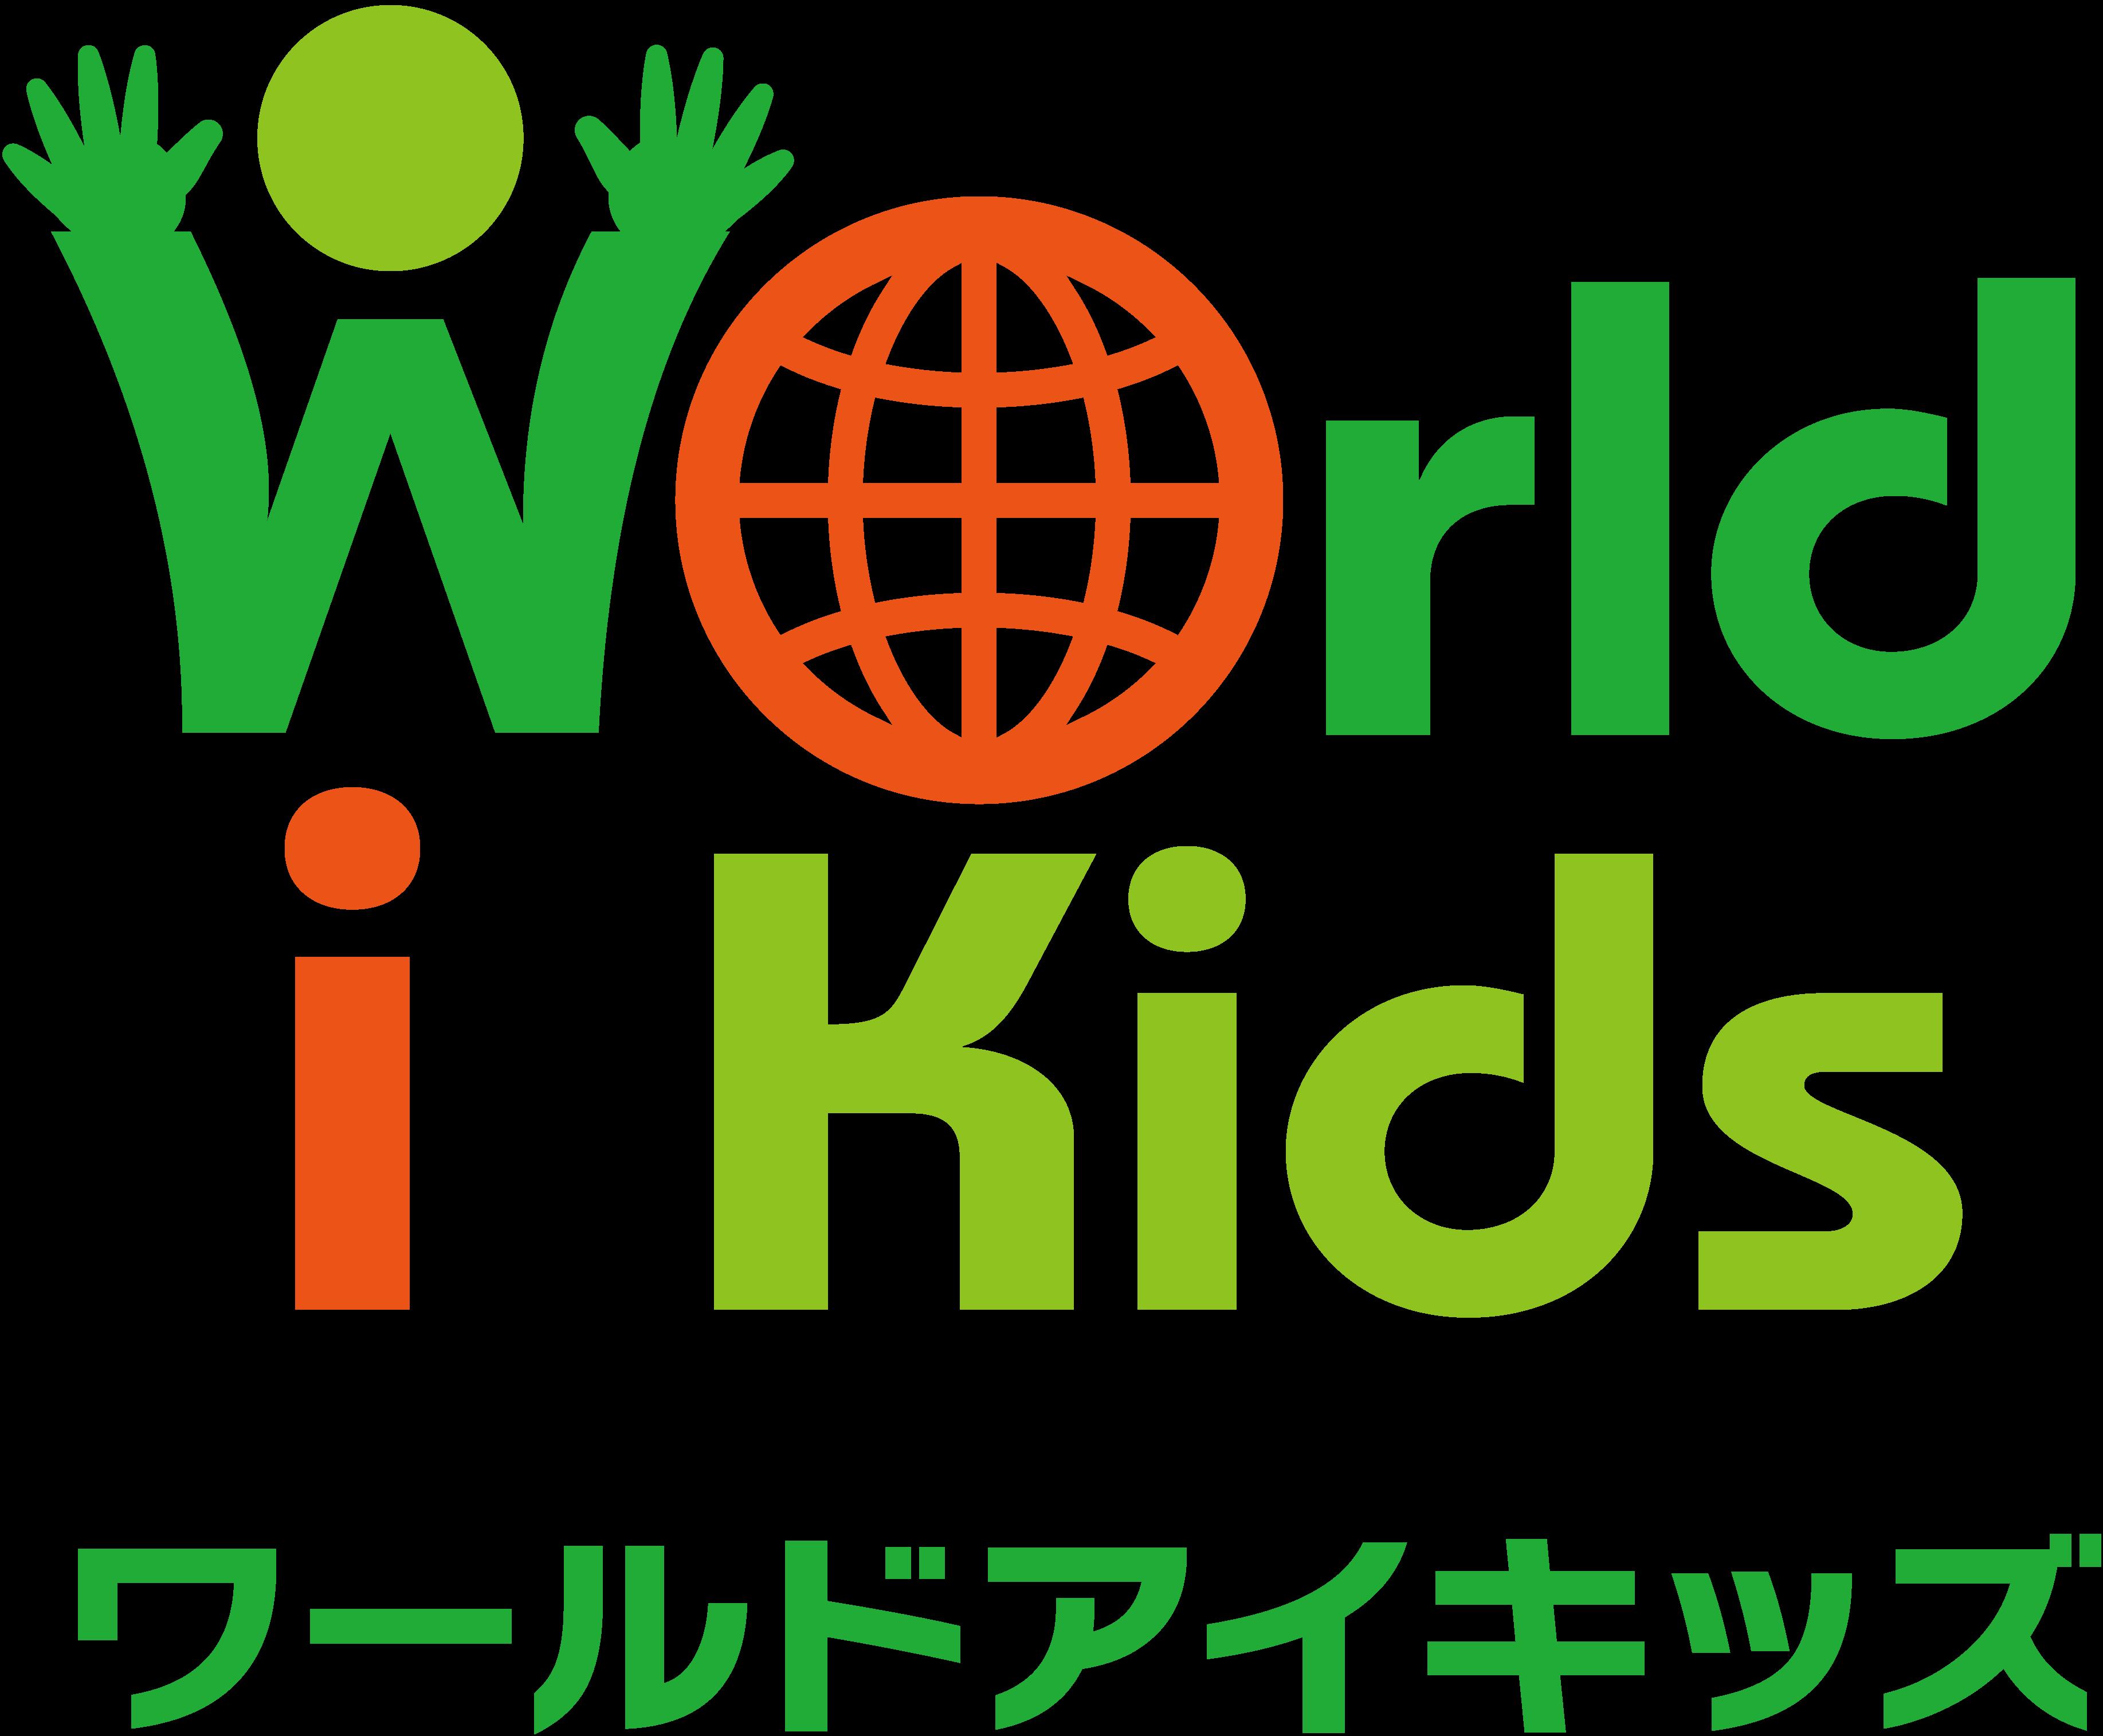 Worldikids